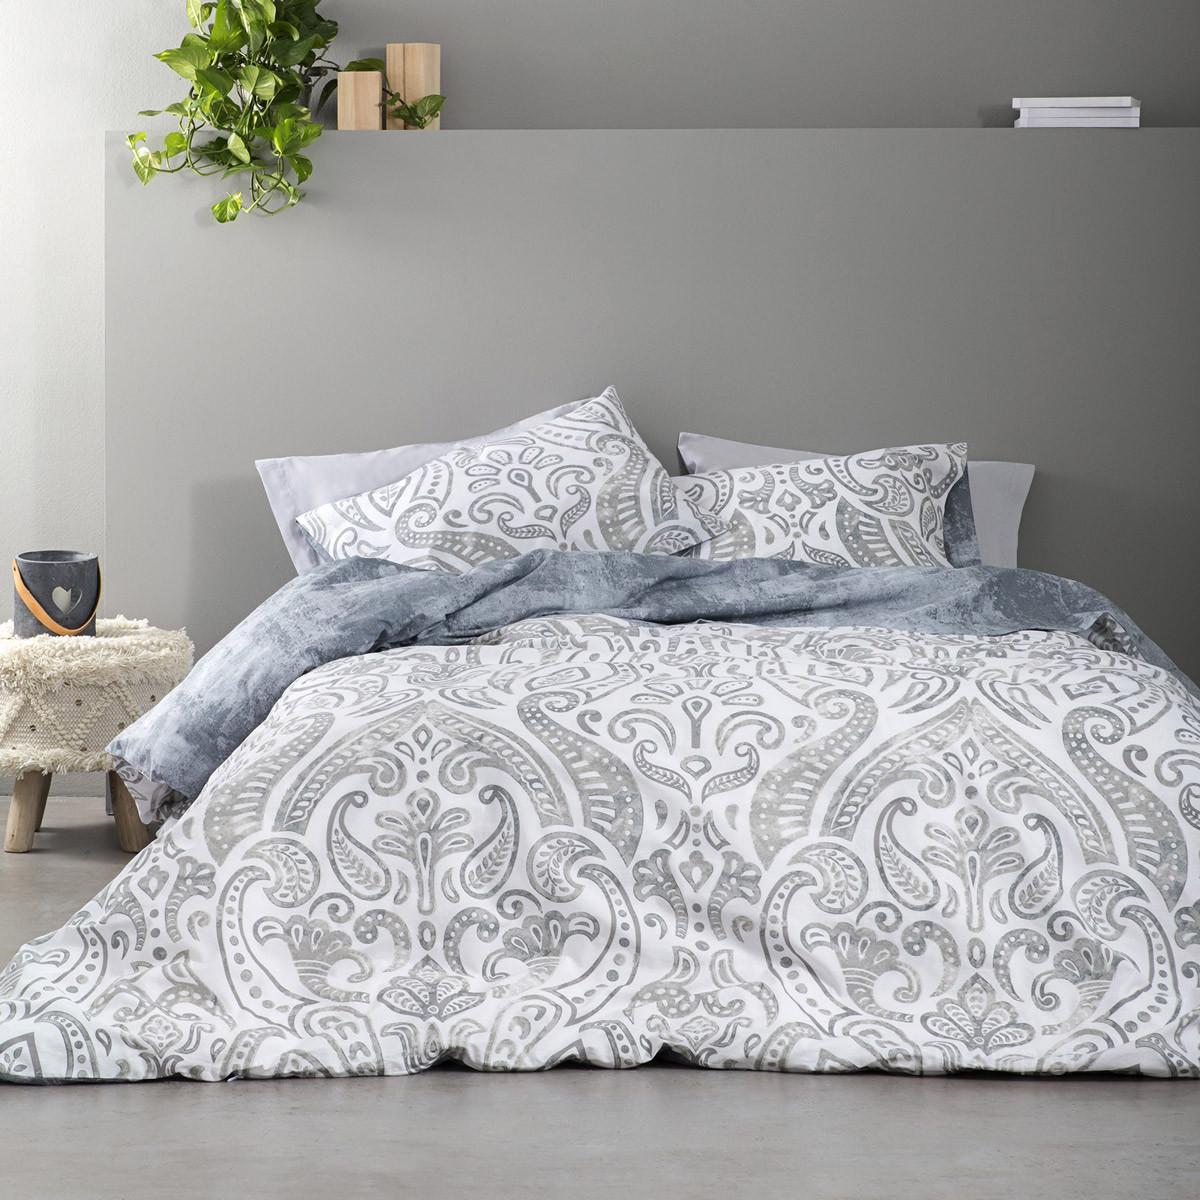 Σεντόνια Διπλά (Σετ) Nima Bed Linen Alessa home   κρεβατοκάμαρα   σεντόνια   σεντόνια ημίδιπλα   διπλά